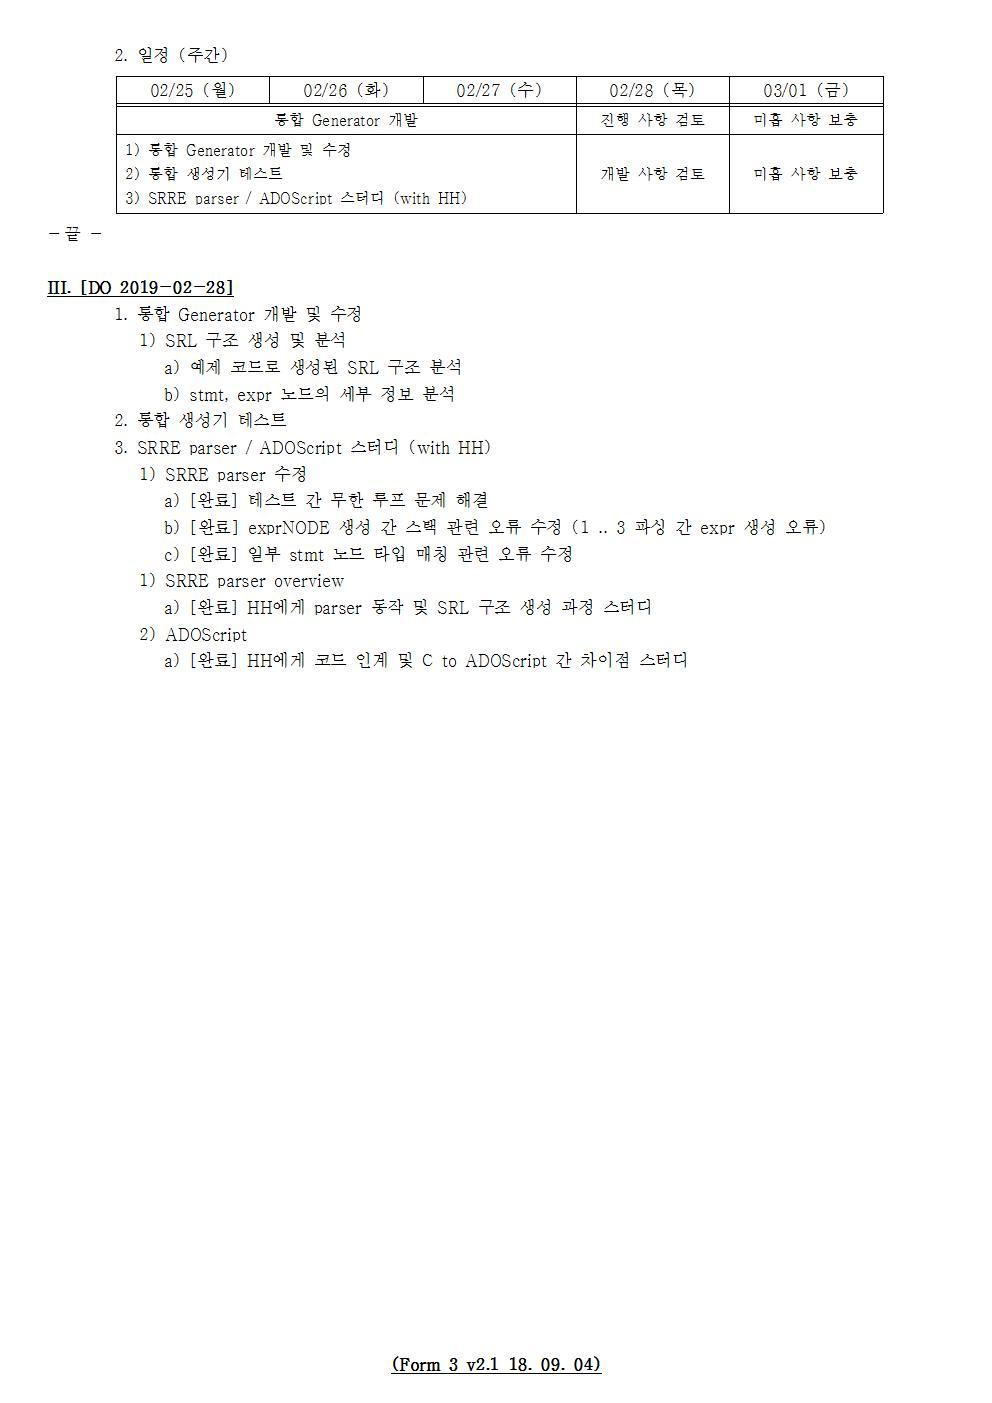 D-[19-003-RD-03]-[Tool-SRRE-1.X]-[2019-02-28][JS]002.jpg